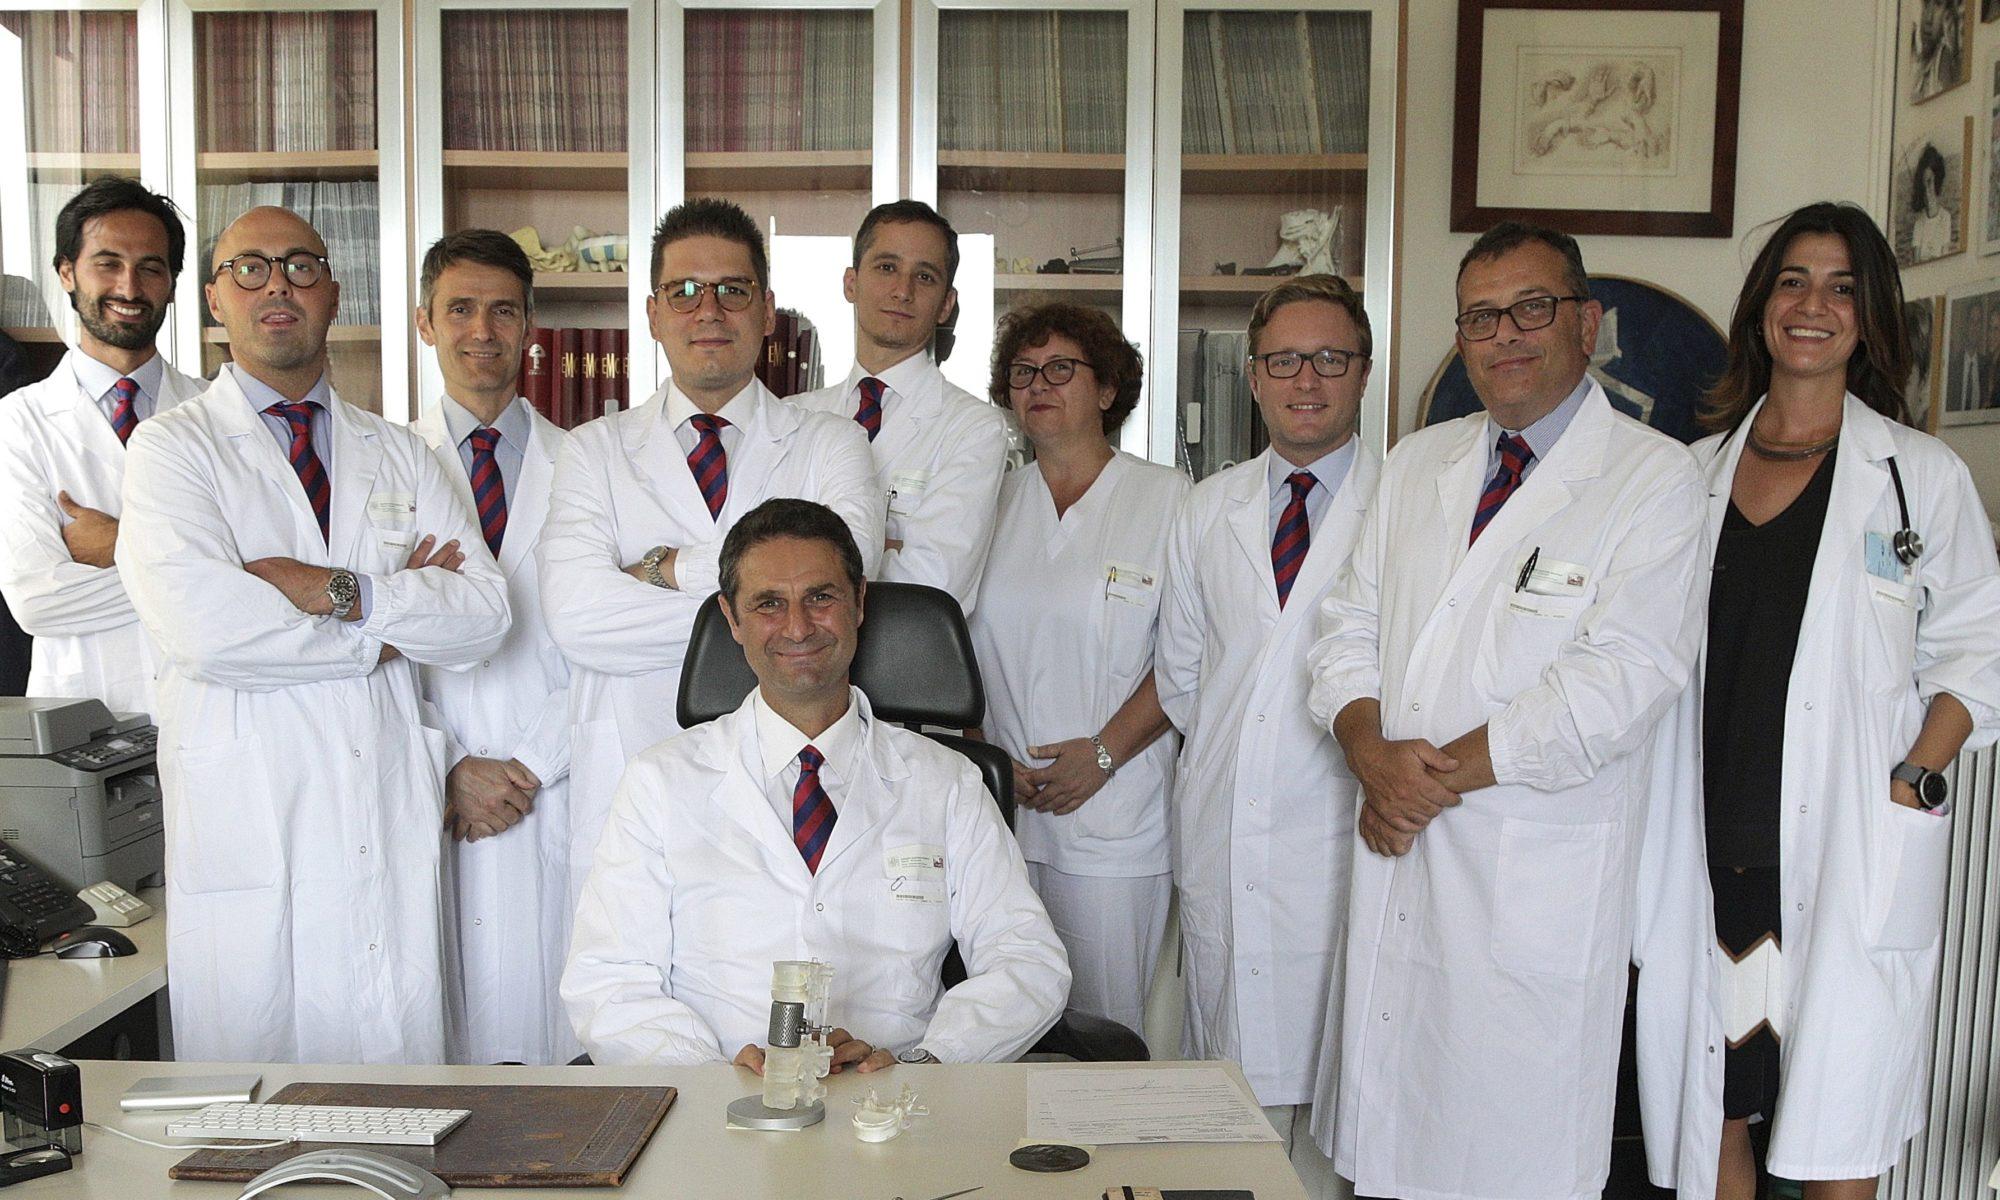 equipe medica probone